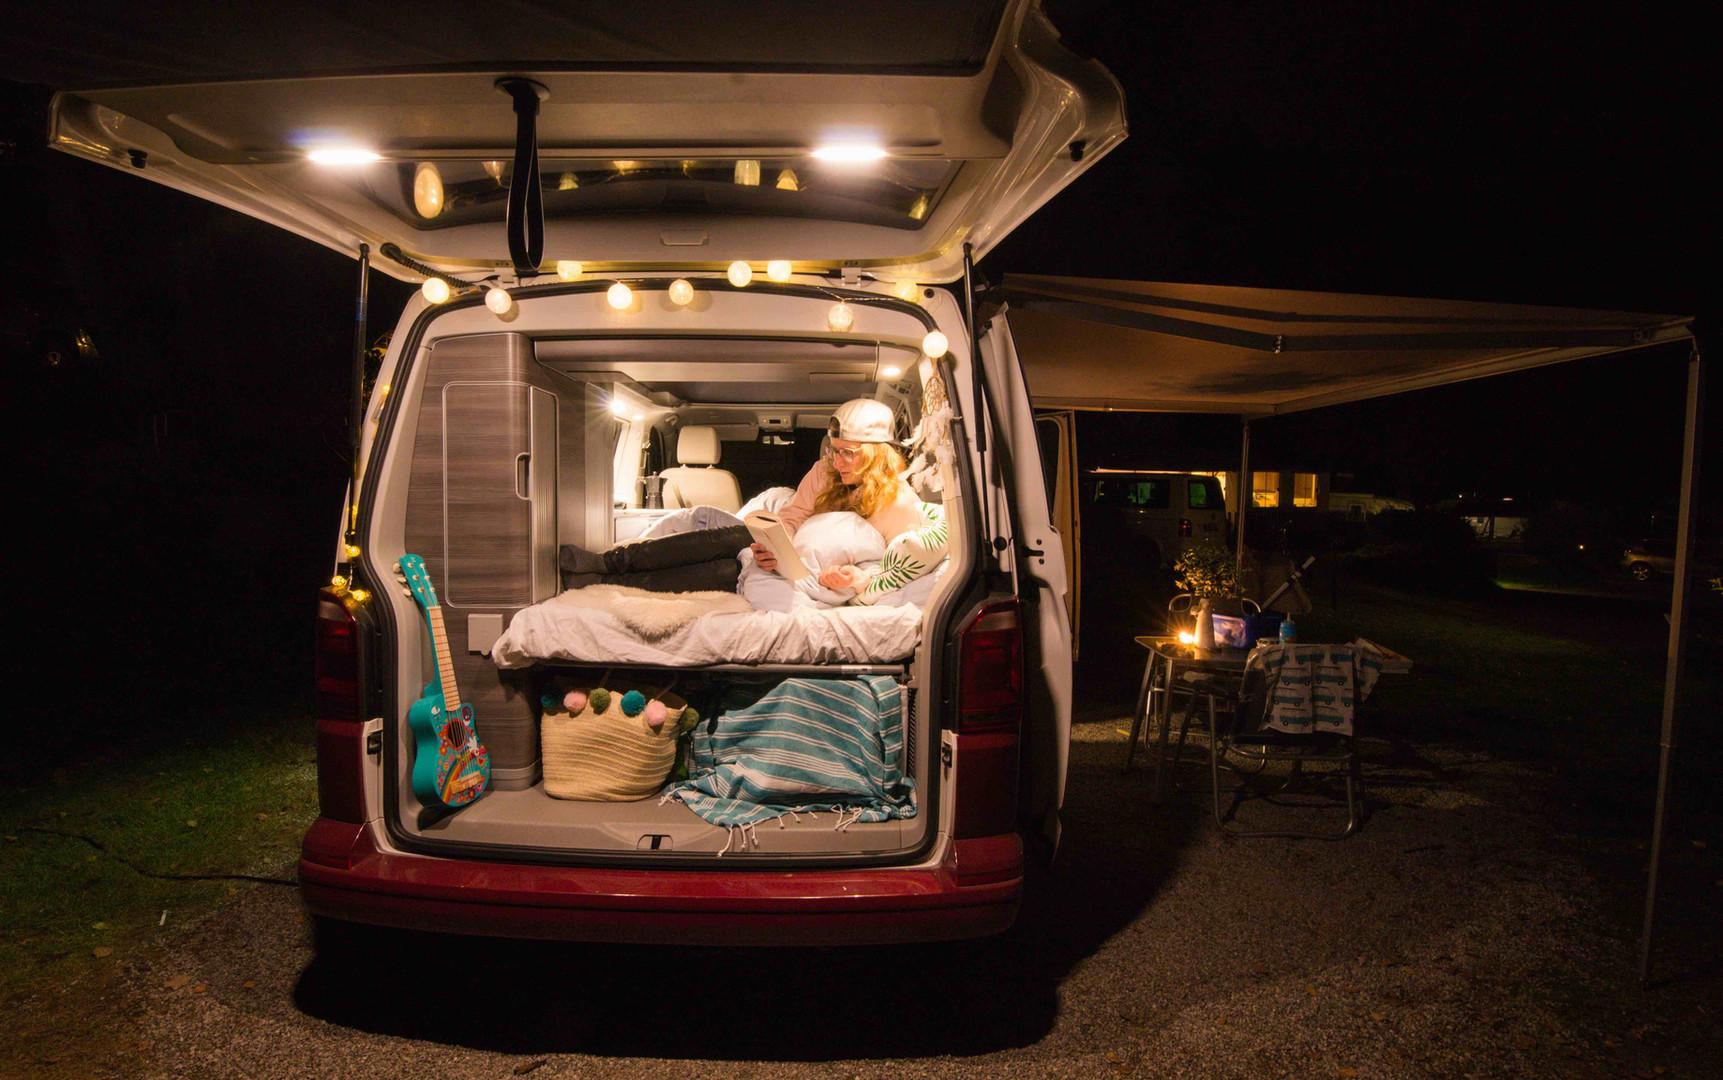 Roadsurfer-Kofferraumbild-Krümel-im-Bett